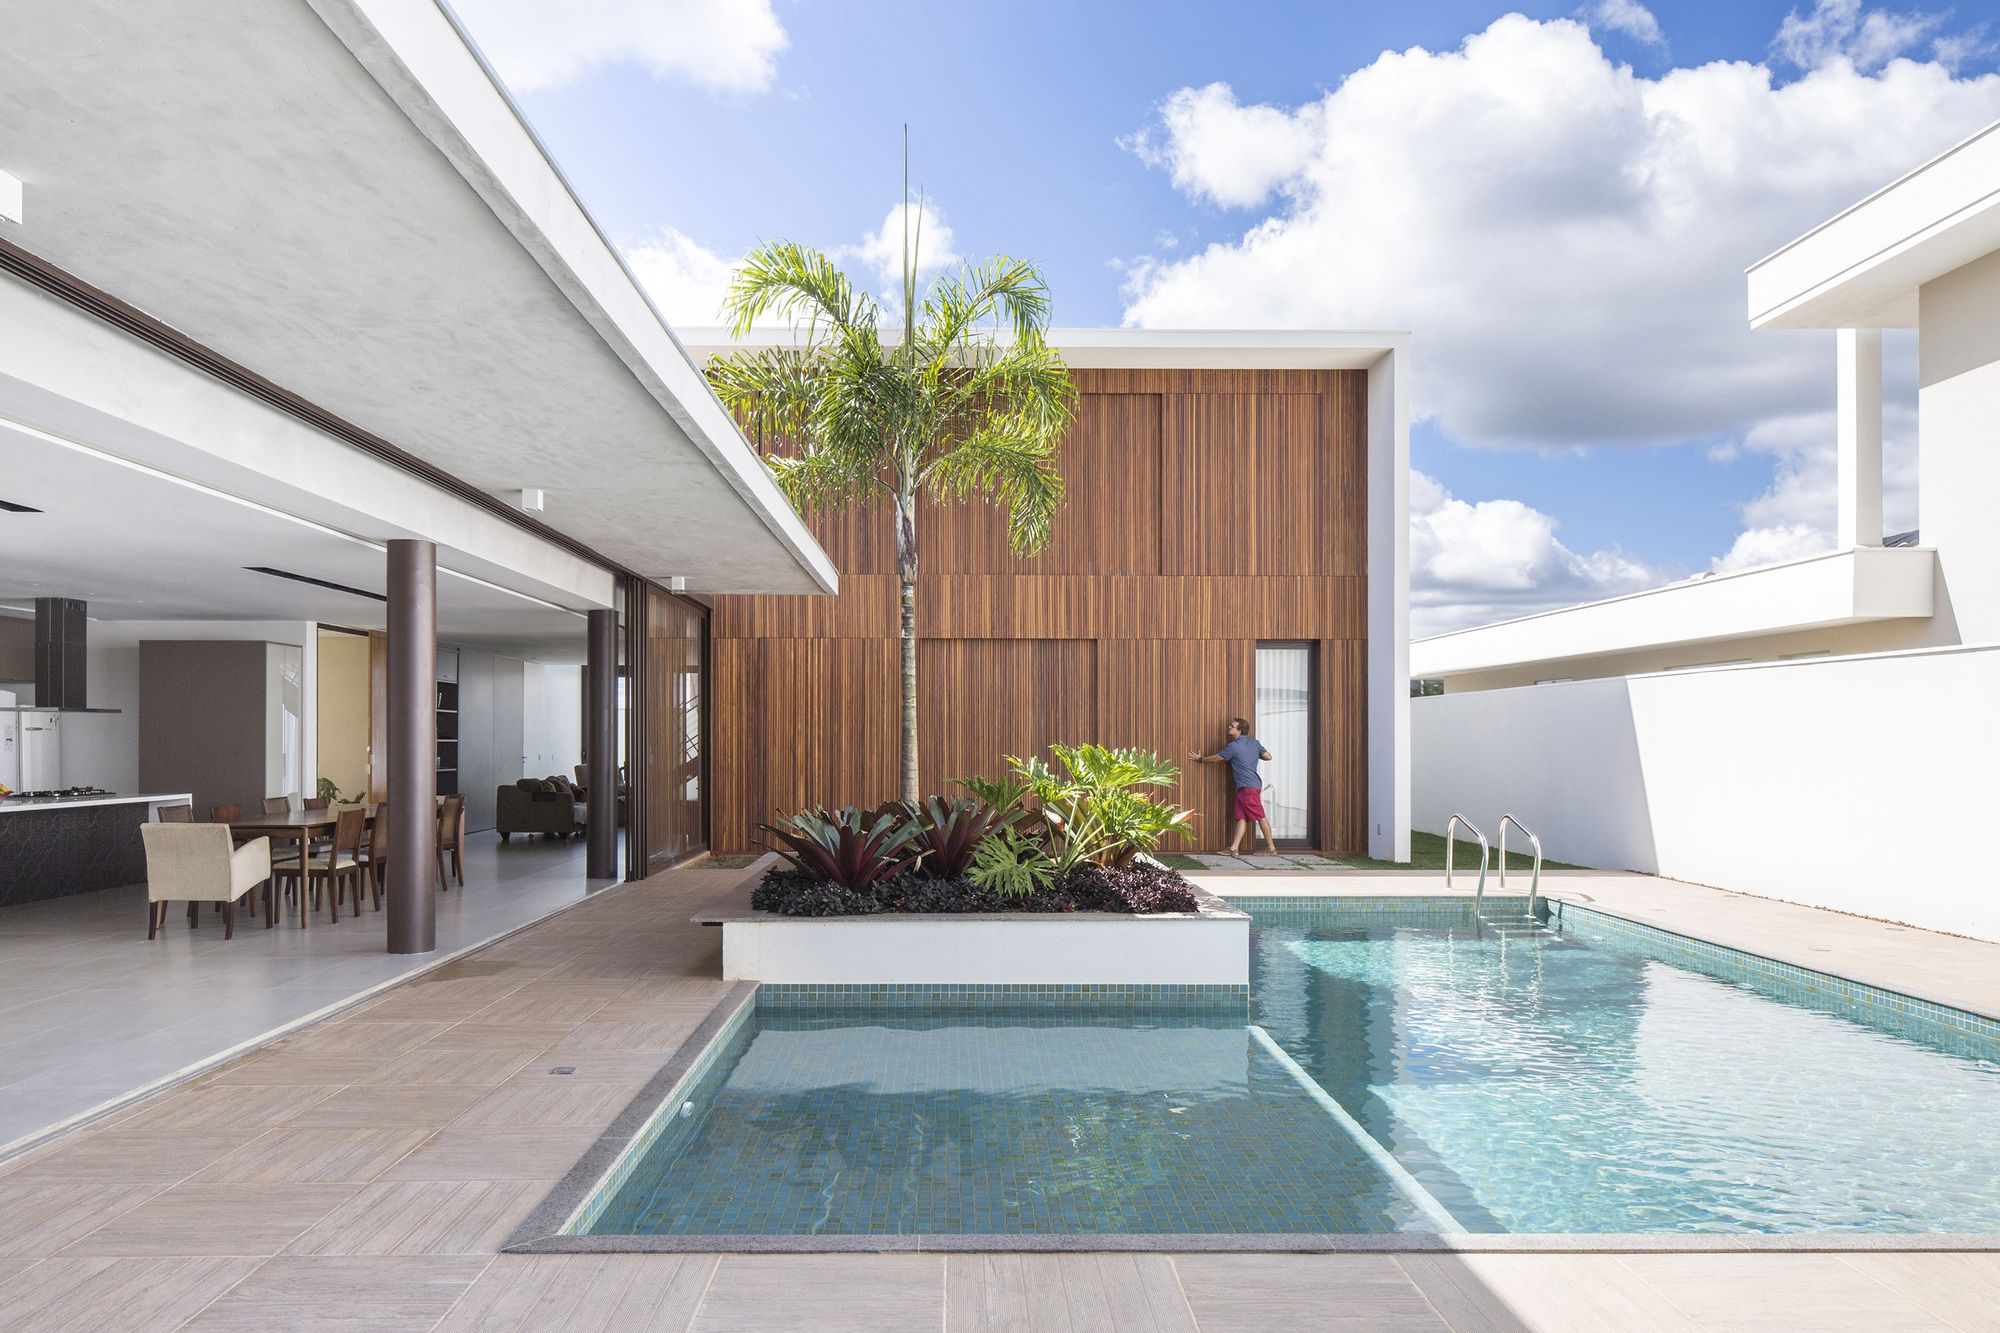 Casa R | Moderne häuser, Gebäude und Häuschen